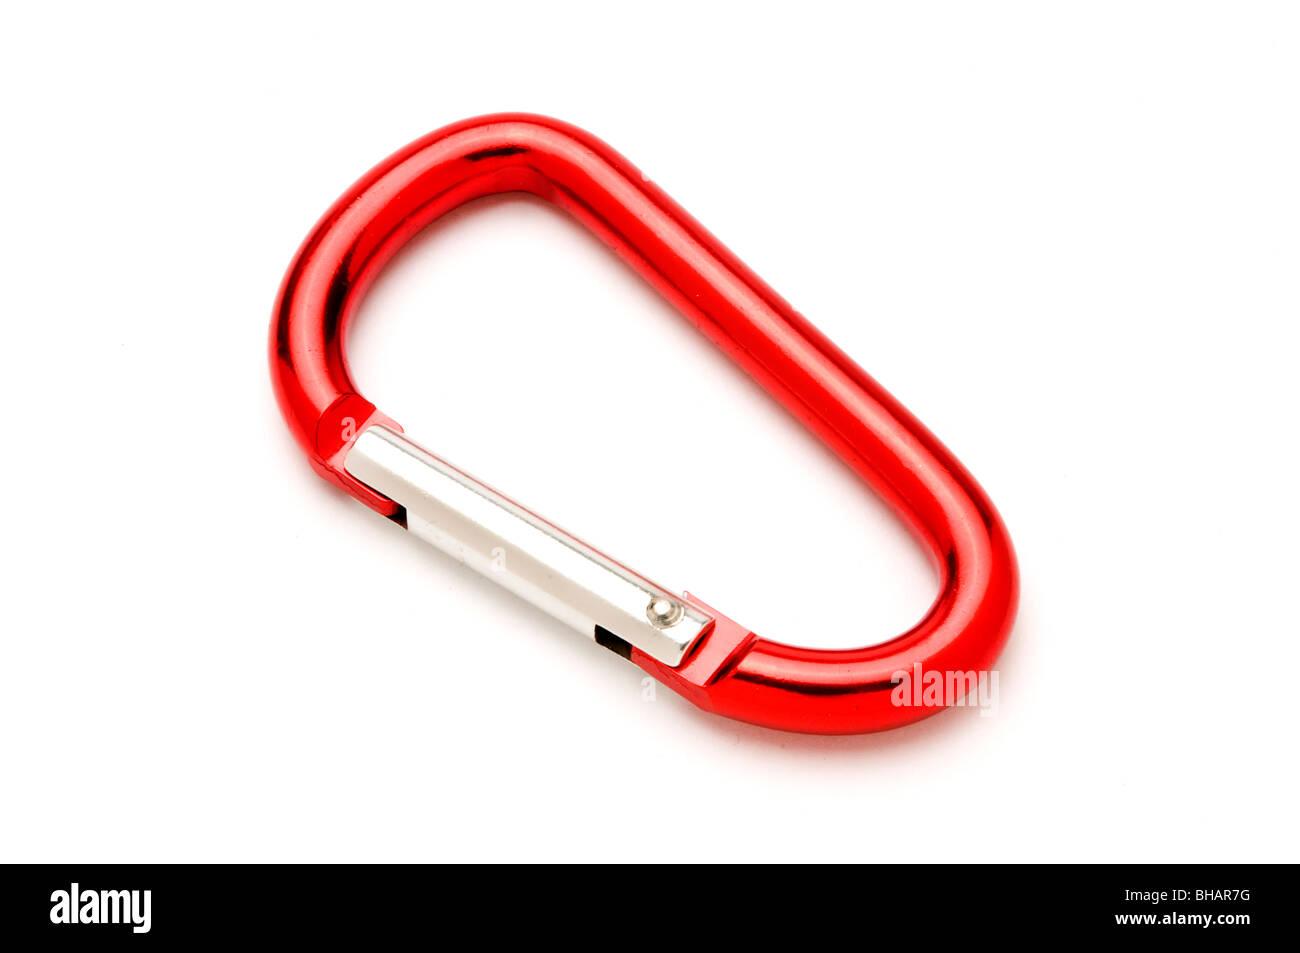 Clip de cierre broche de cuerda Foto de stock